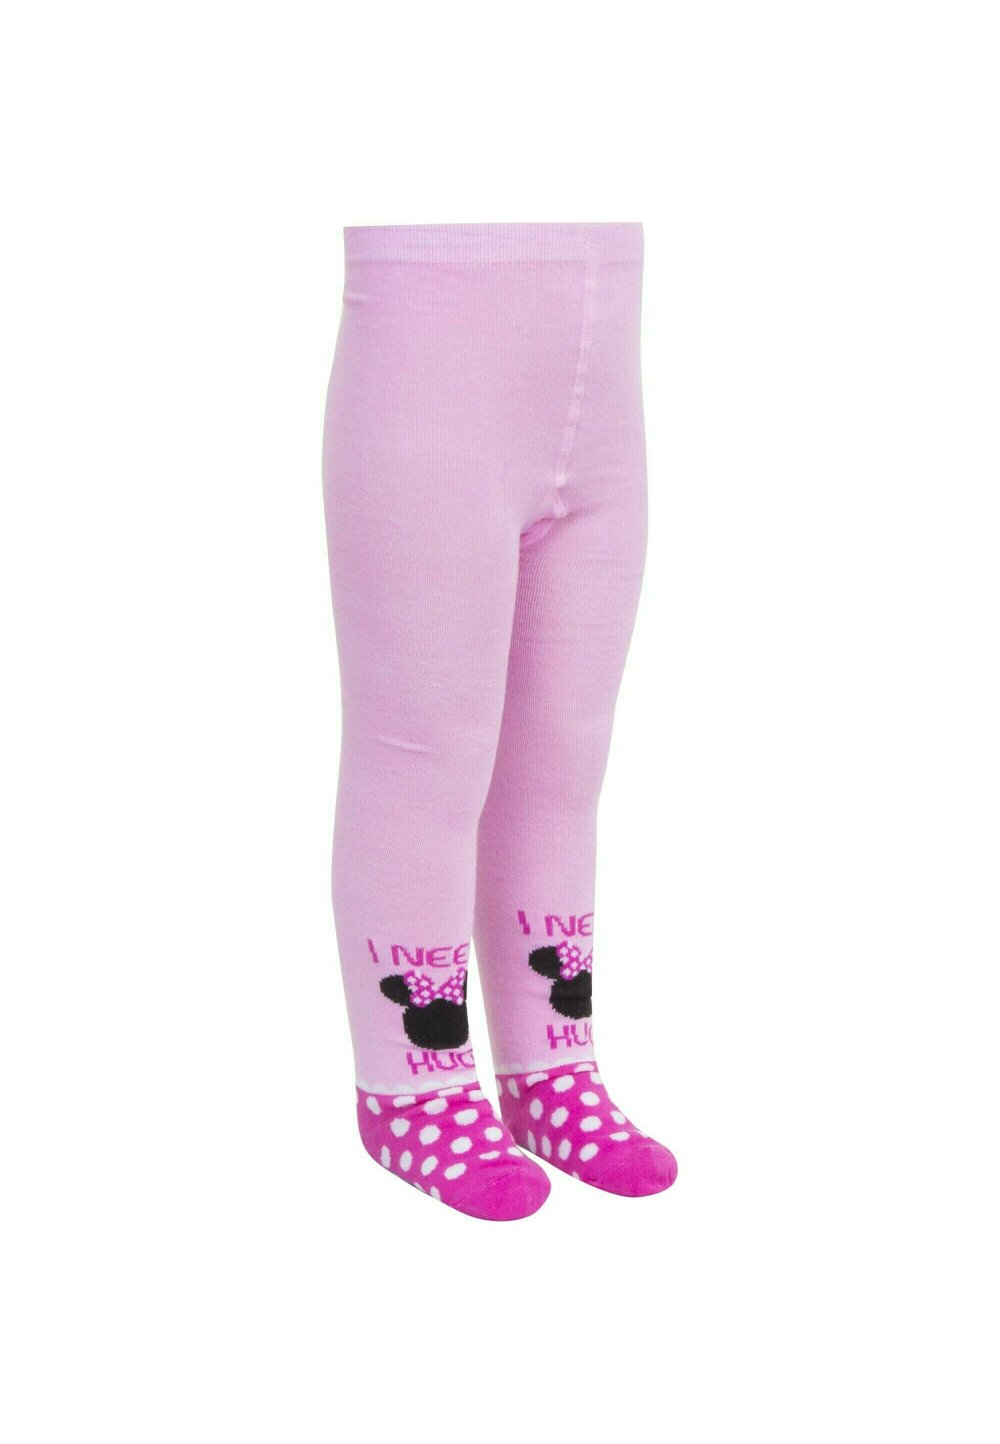 Ciorapi cu chilot, I need a hug, roz cu buline imagine